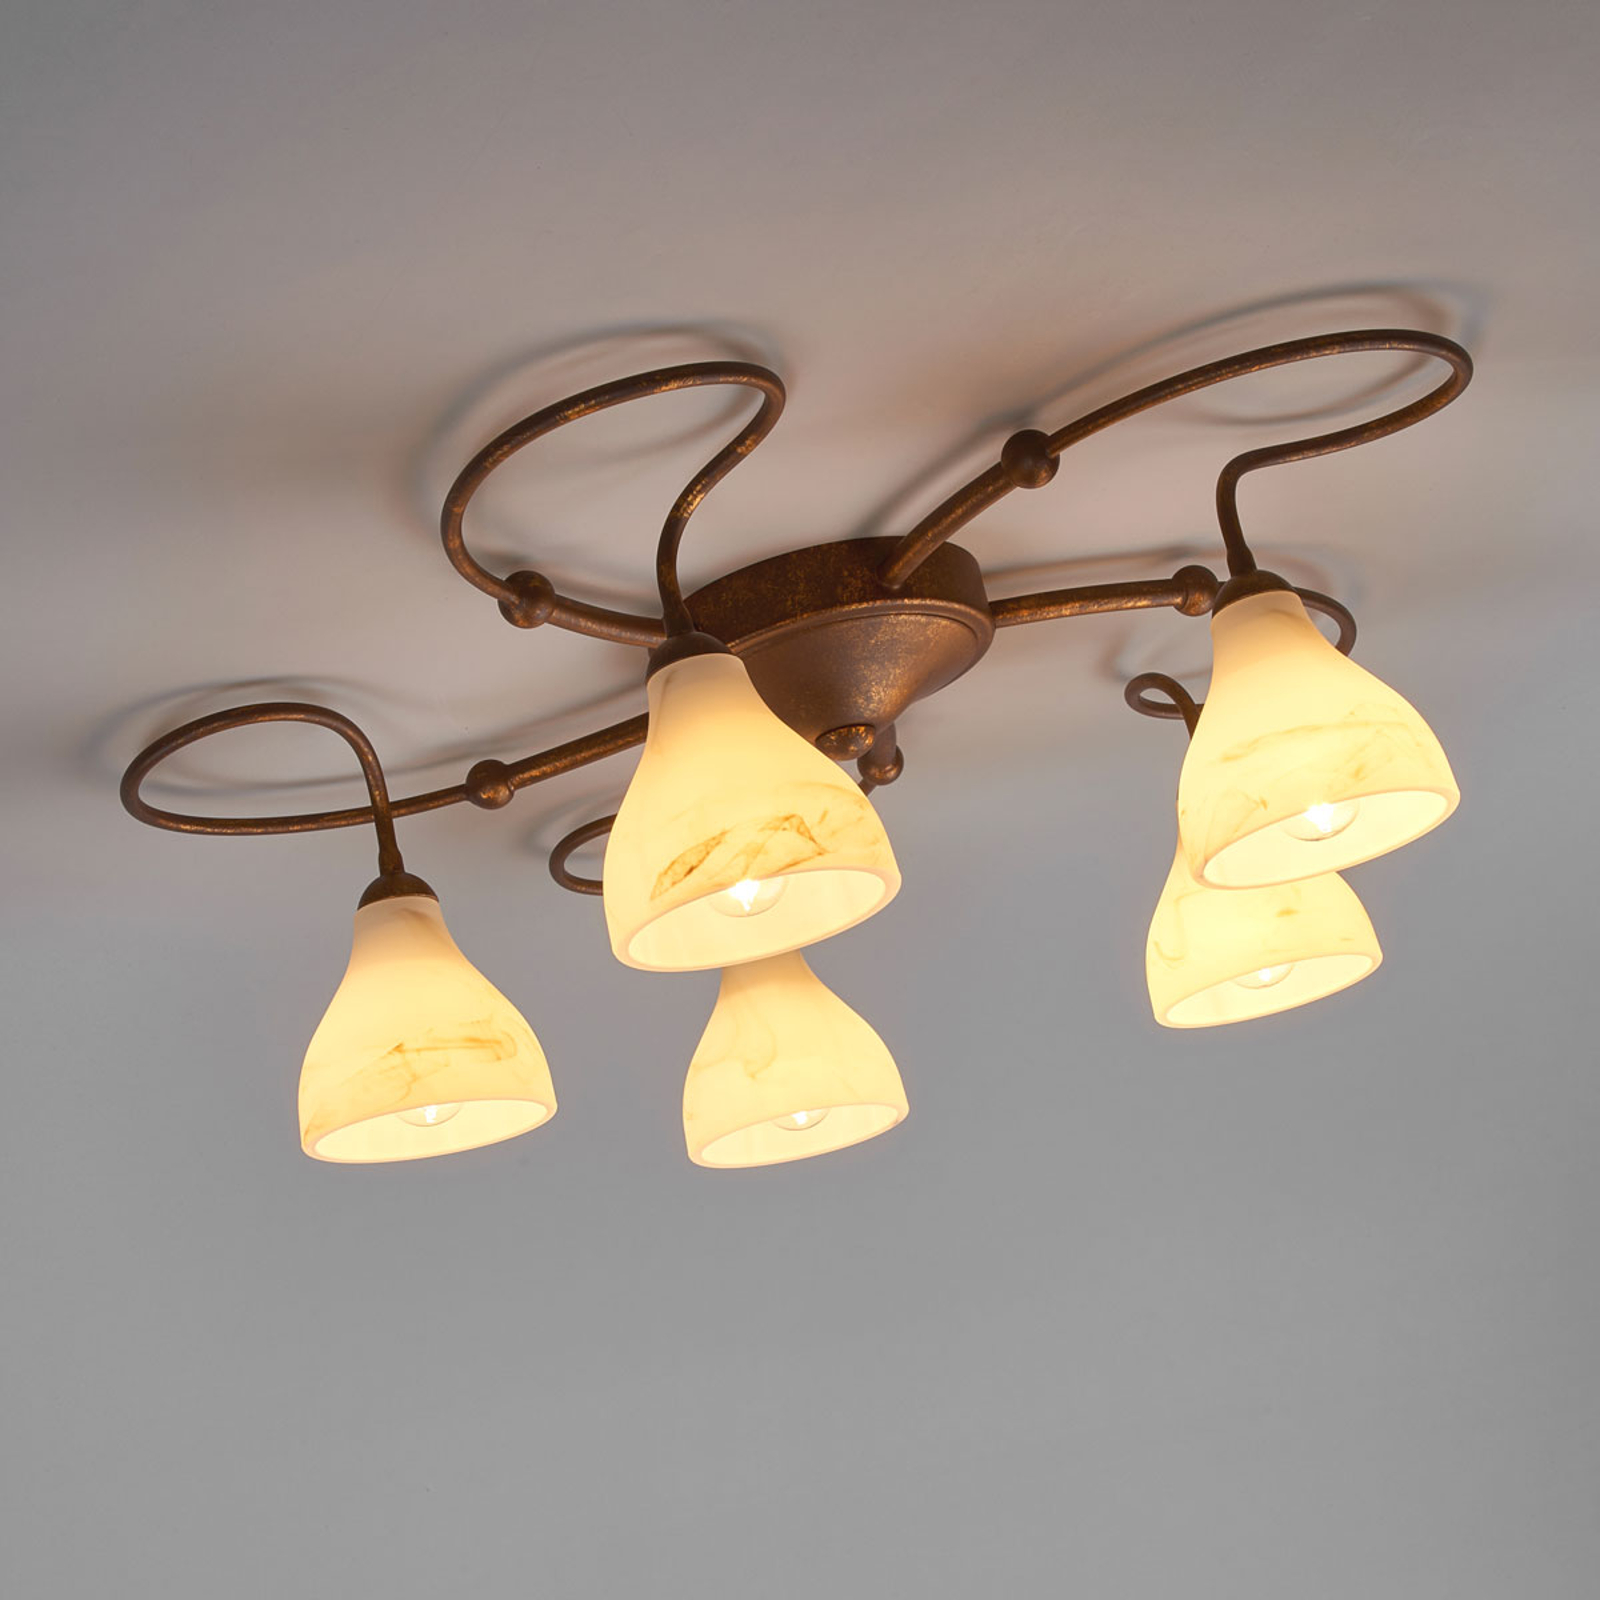 Plafonnier rustique Mattia à 5 lampes